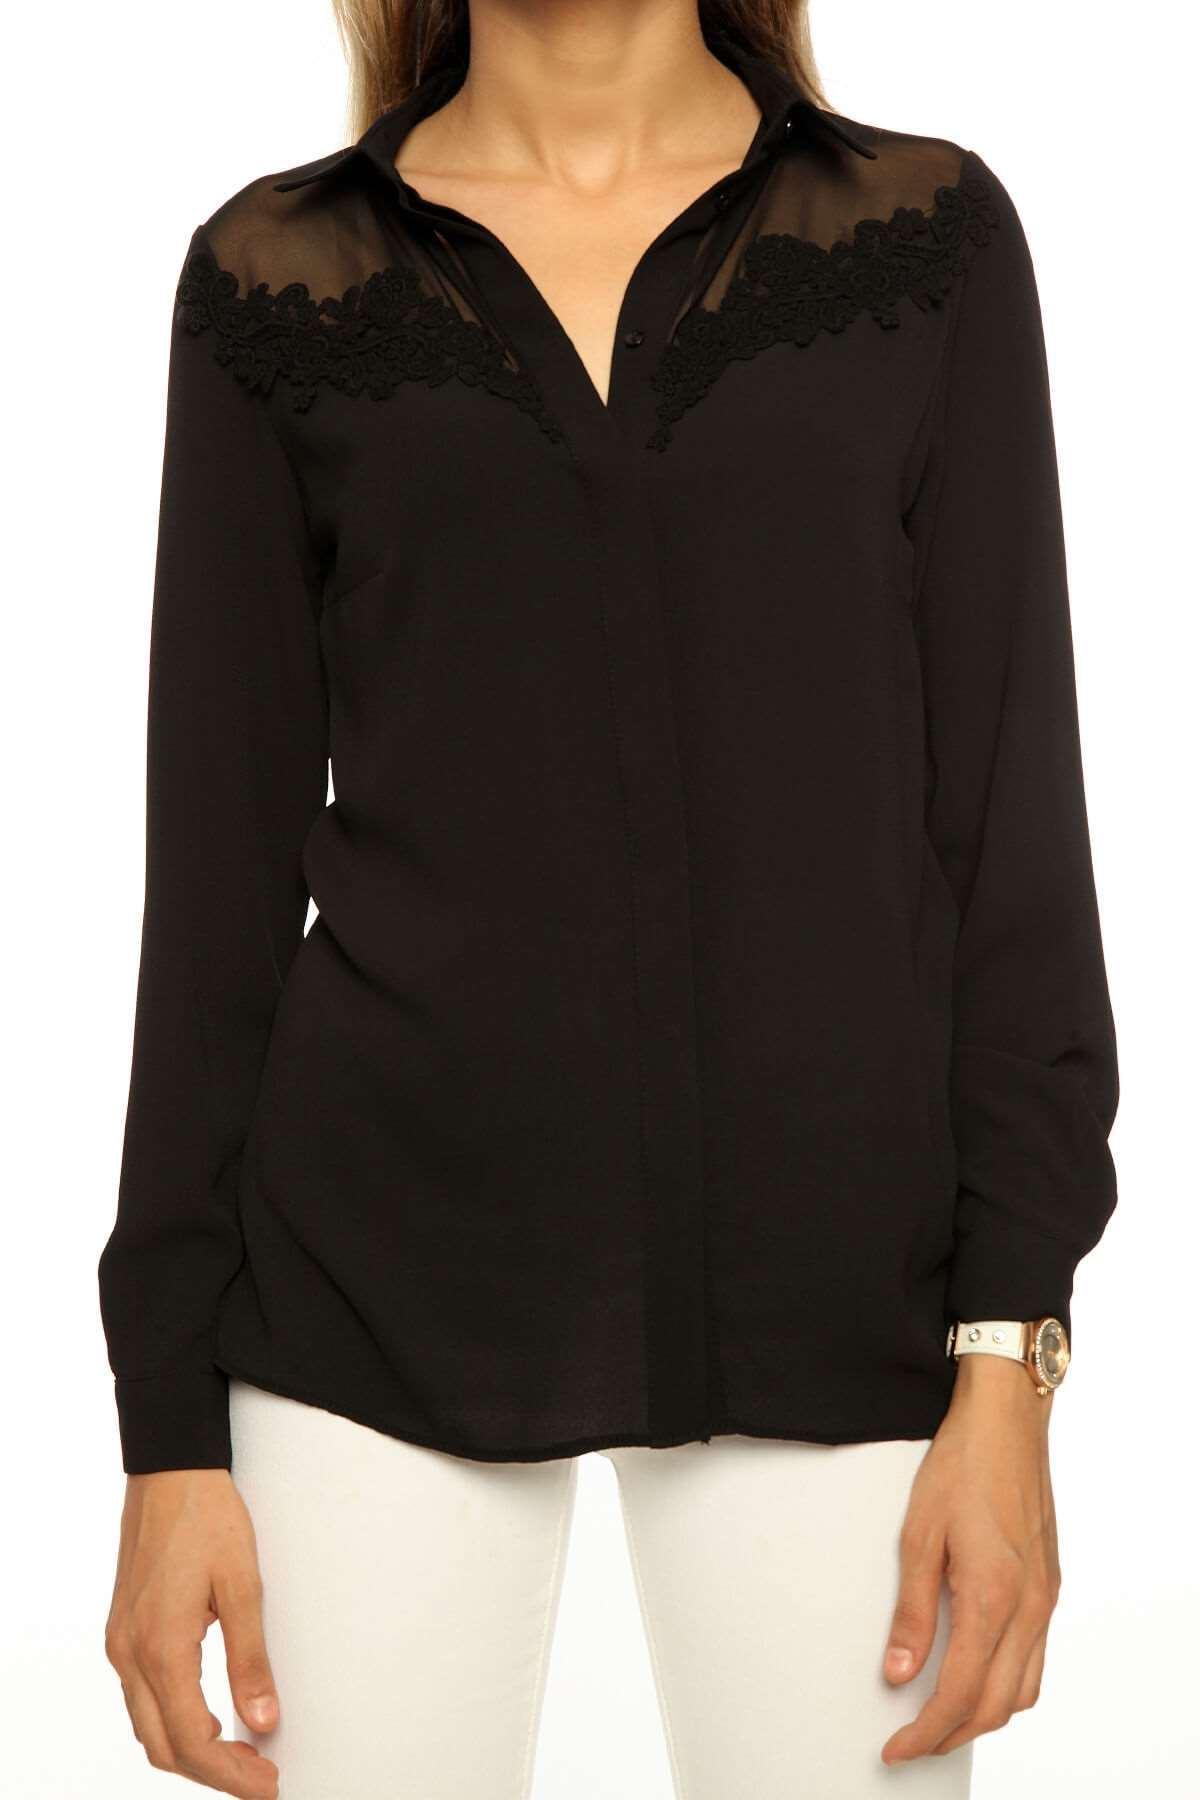 Fileli Yakası Dantel Detaylı Bluz Siyah